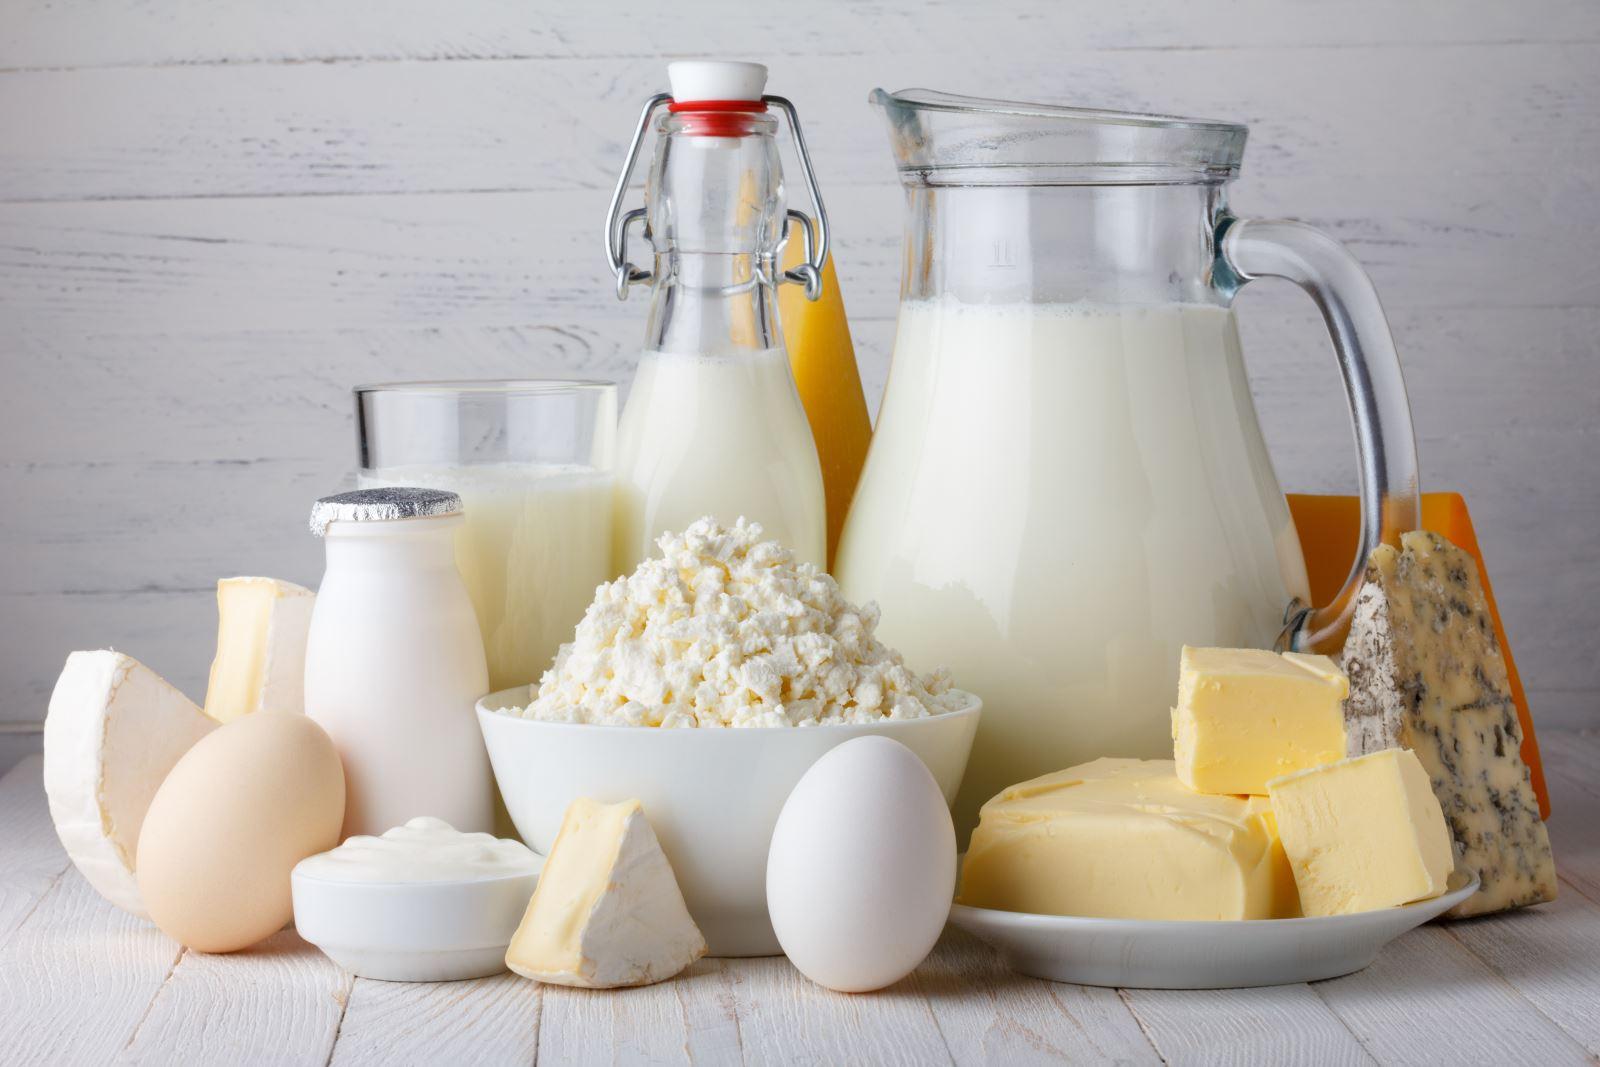 Диета на кокосовом молоке Минус 3-6 кг за 4 дня / Диеты